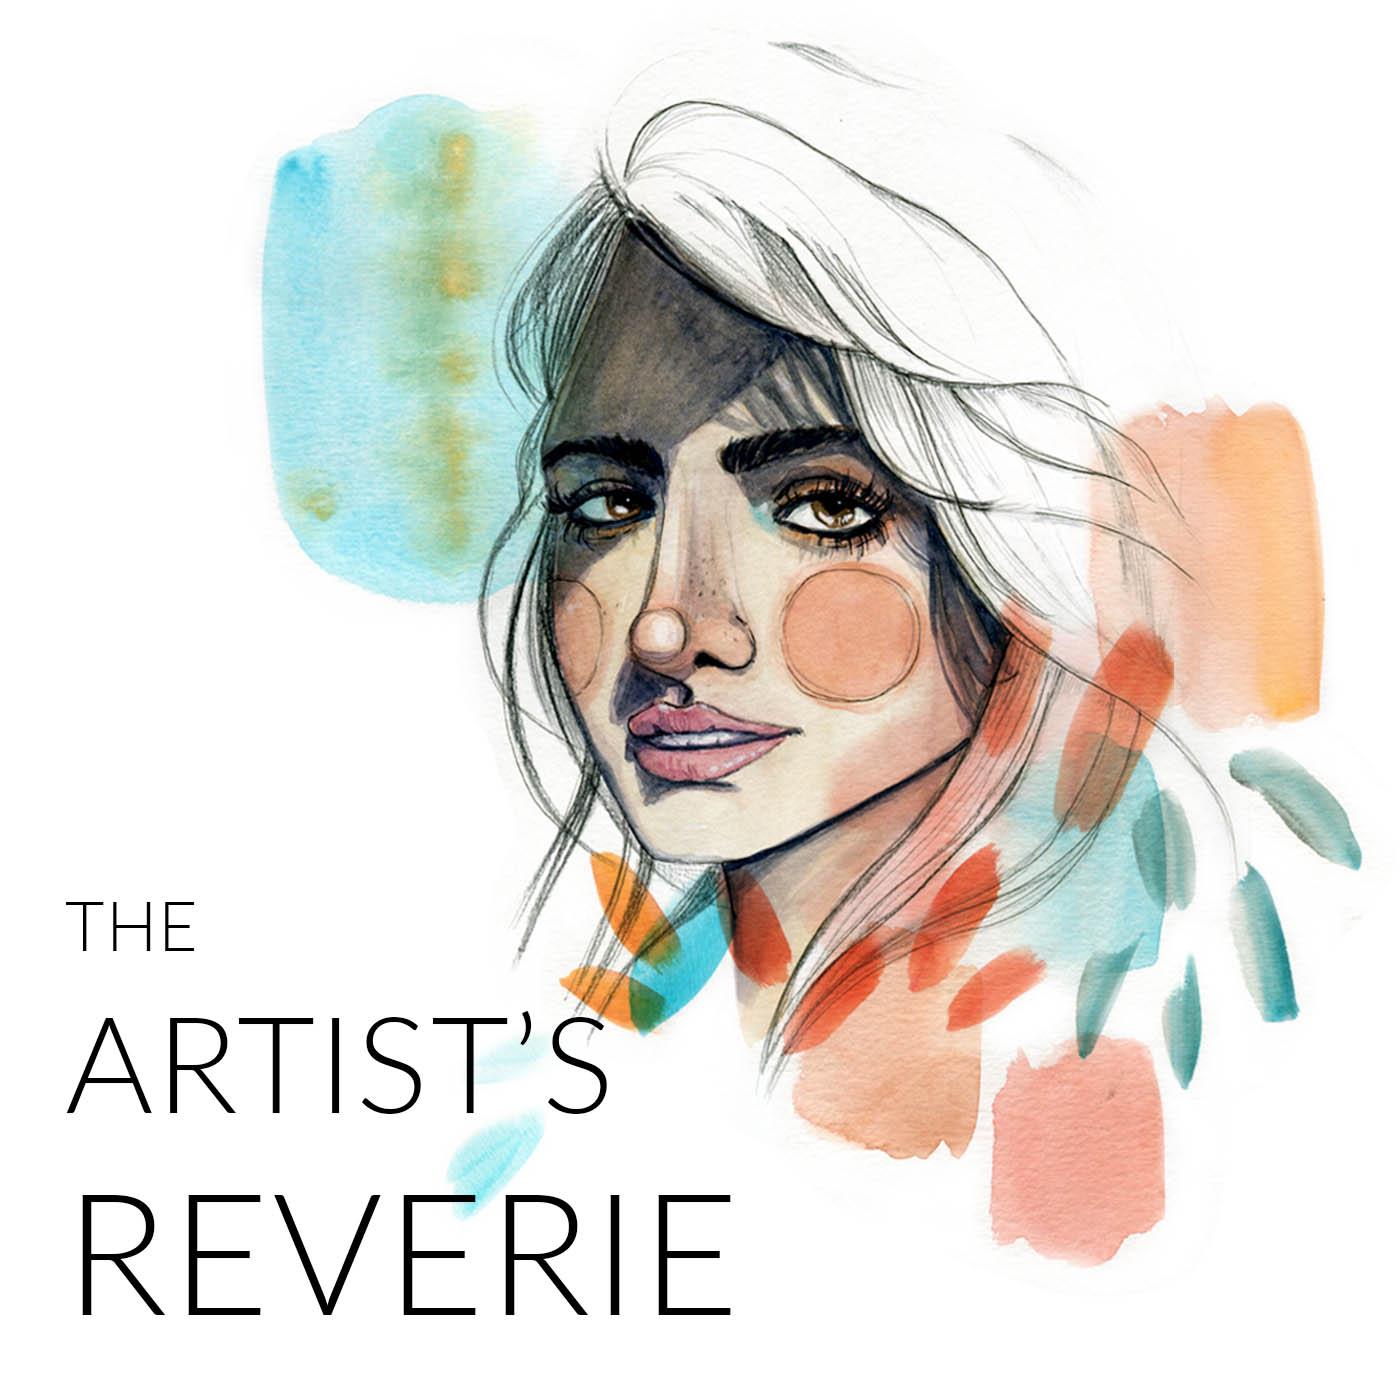 Artists Reverie cover art no logo.jpg